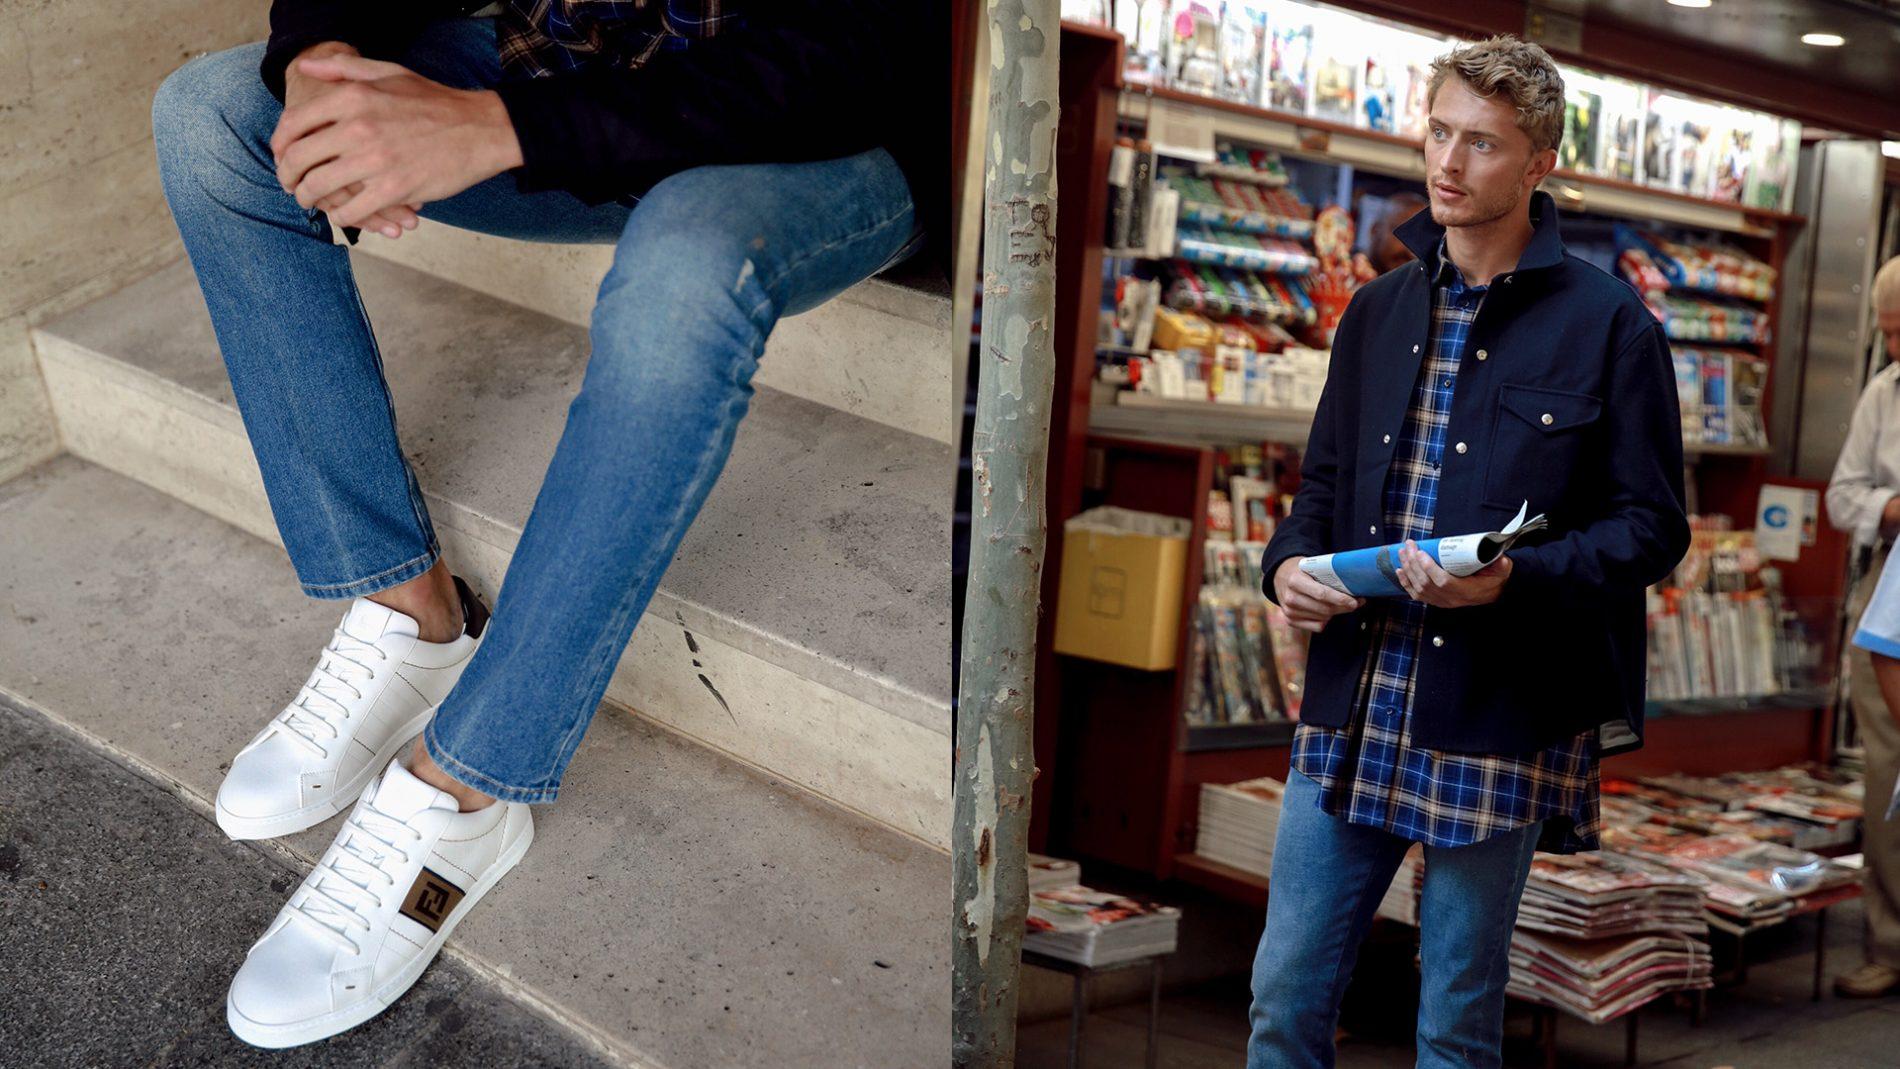 英格列斯男装,运动鞋,Ami、Fendi、Balenciaga、Valentino